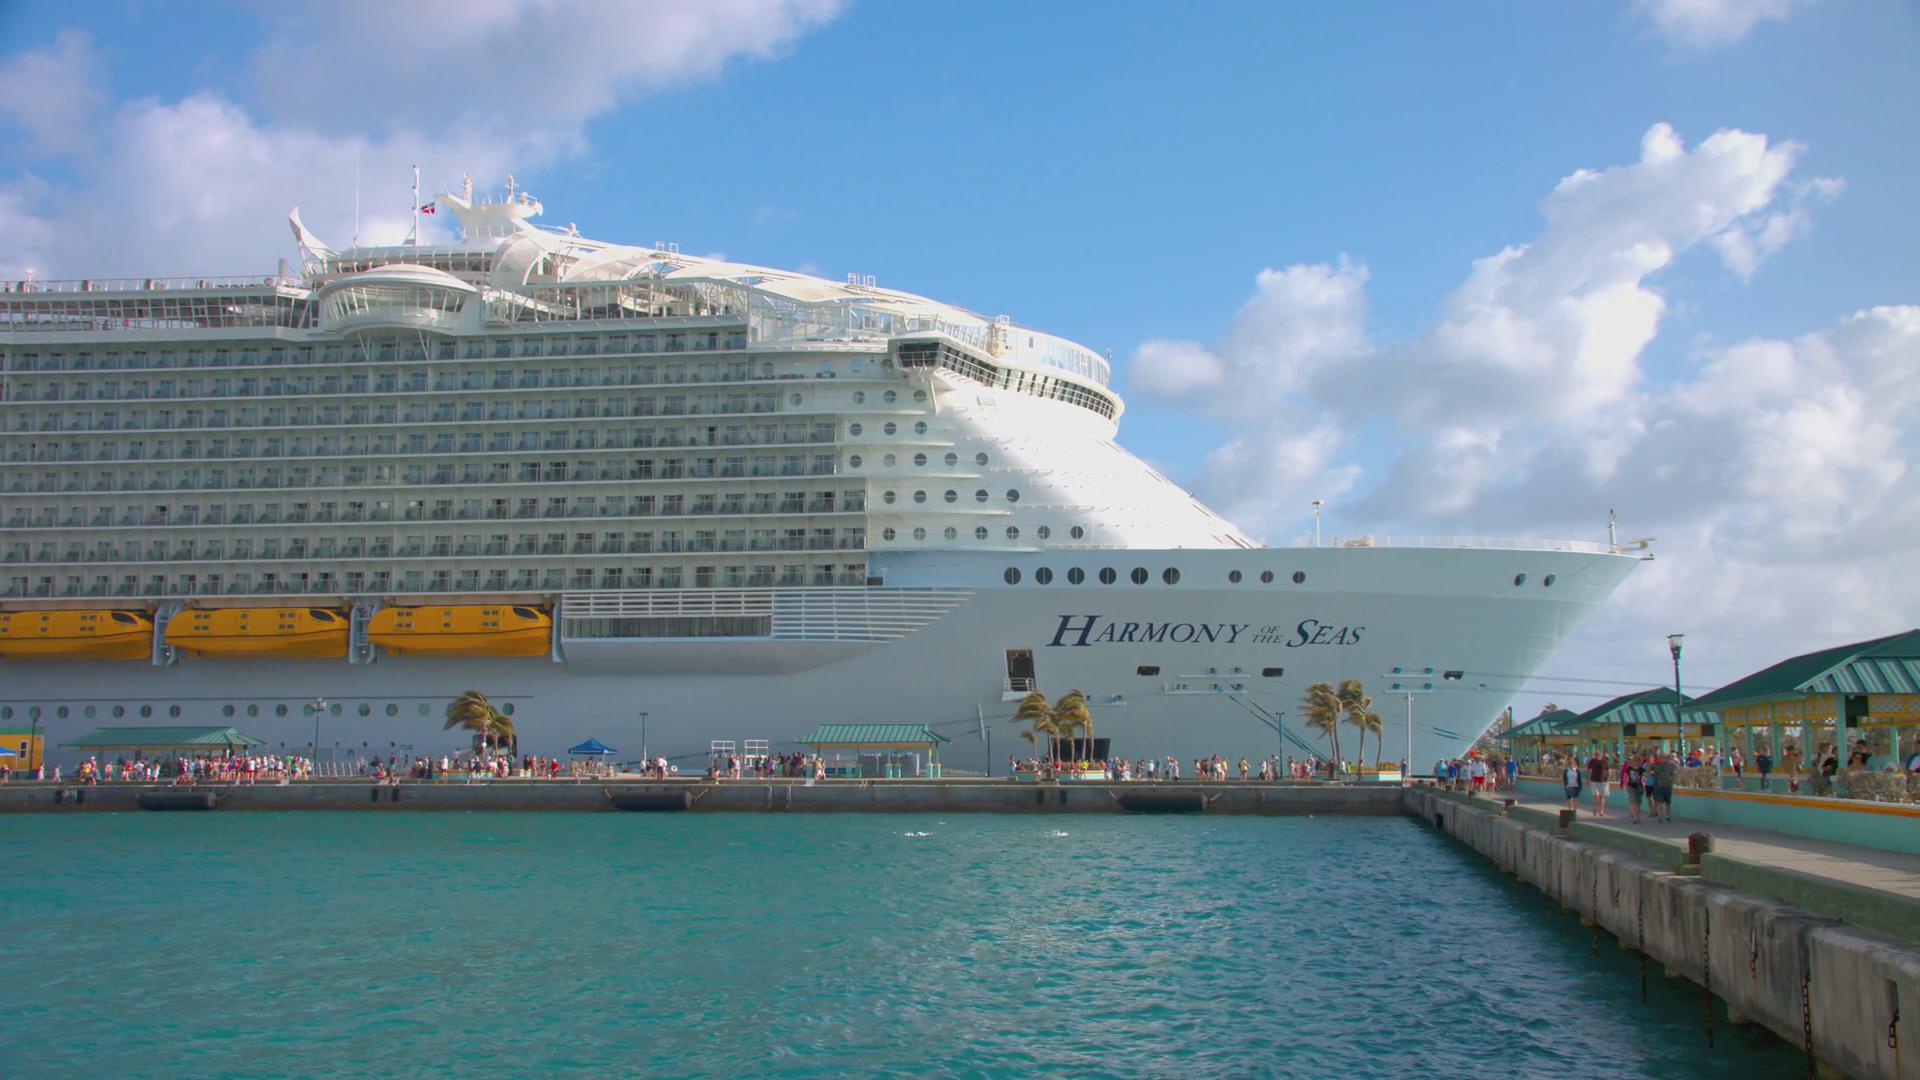 Nassau Bahamas Harmony of the Seas Cruise Ship Docked at the Port of ...